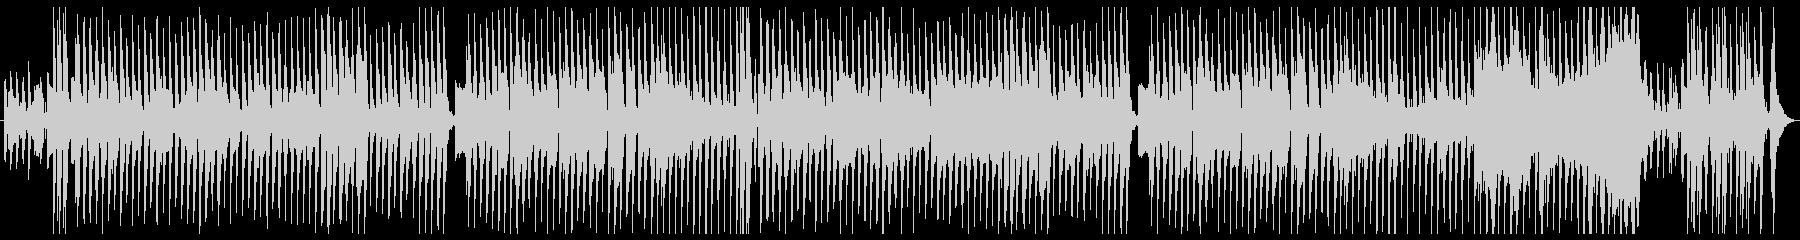 のどかな雰囲気のリコーダーの未再生の波形